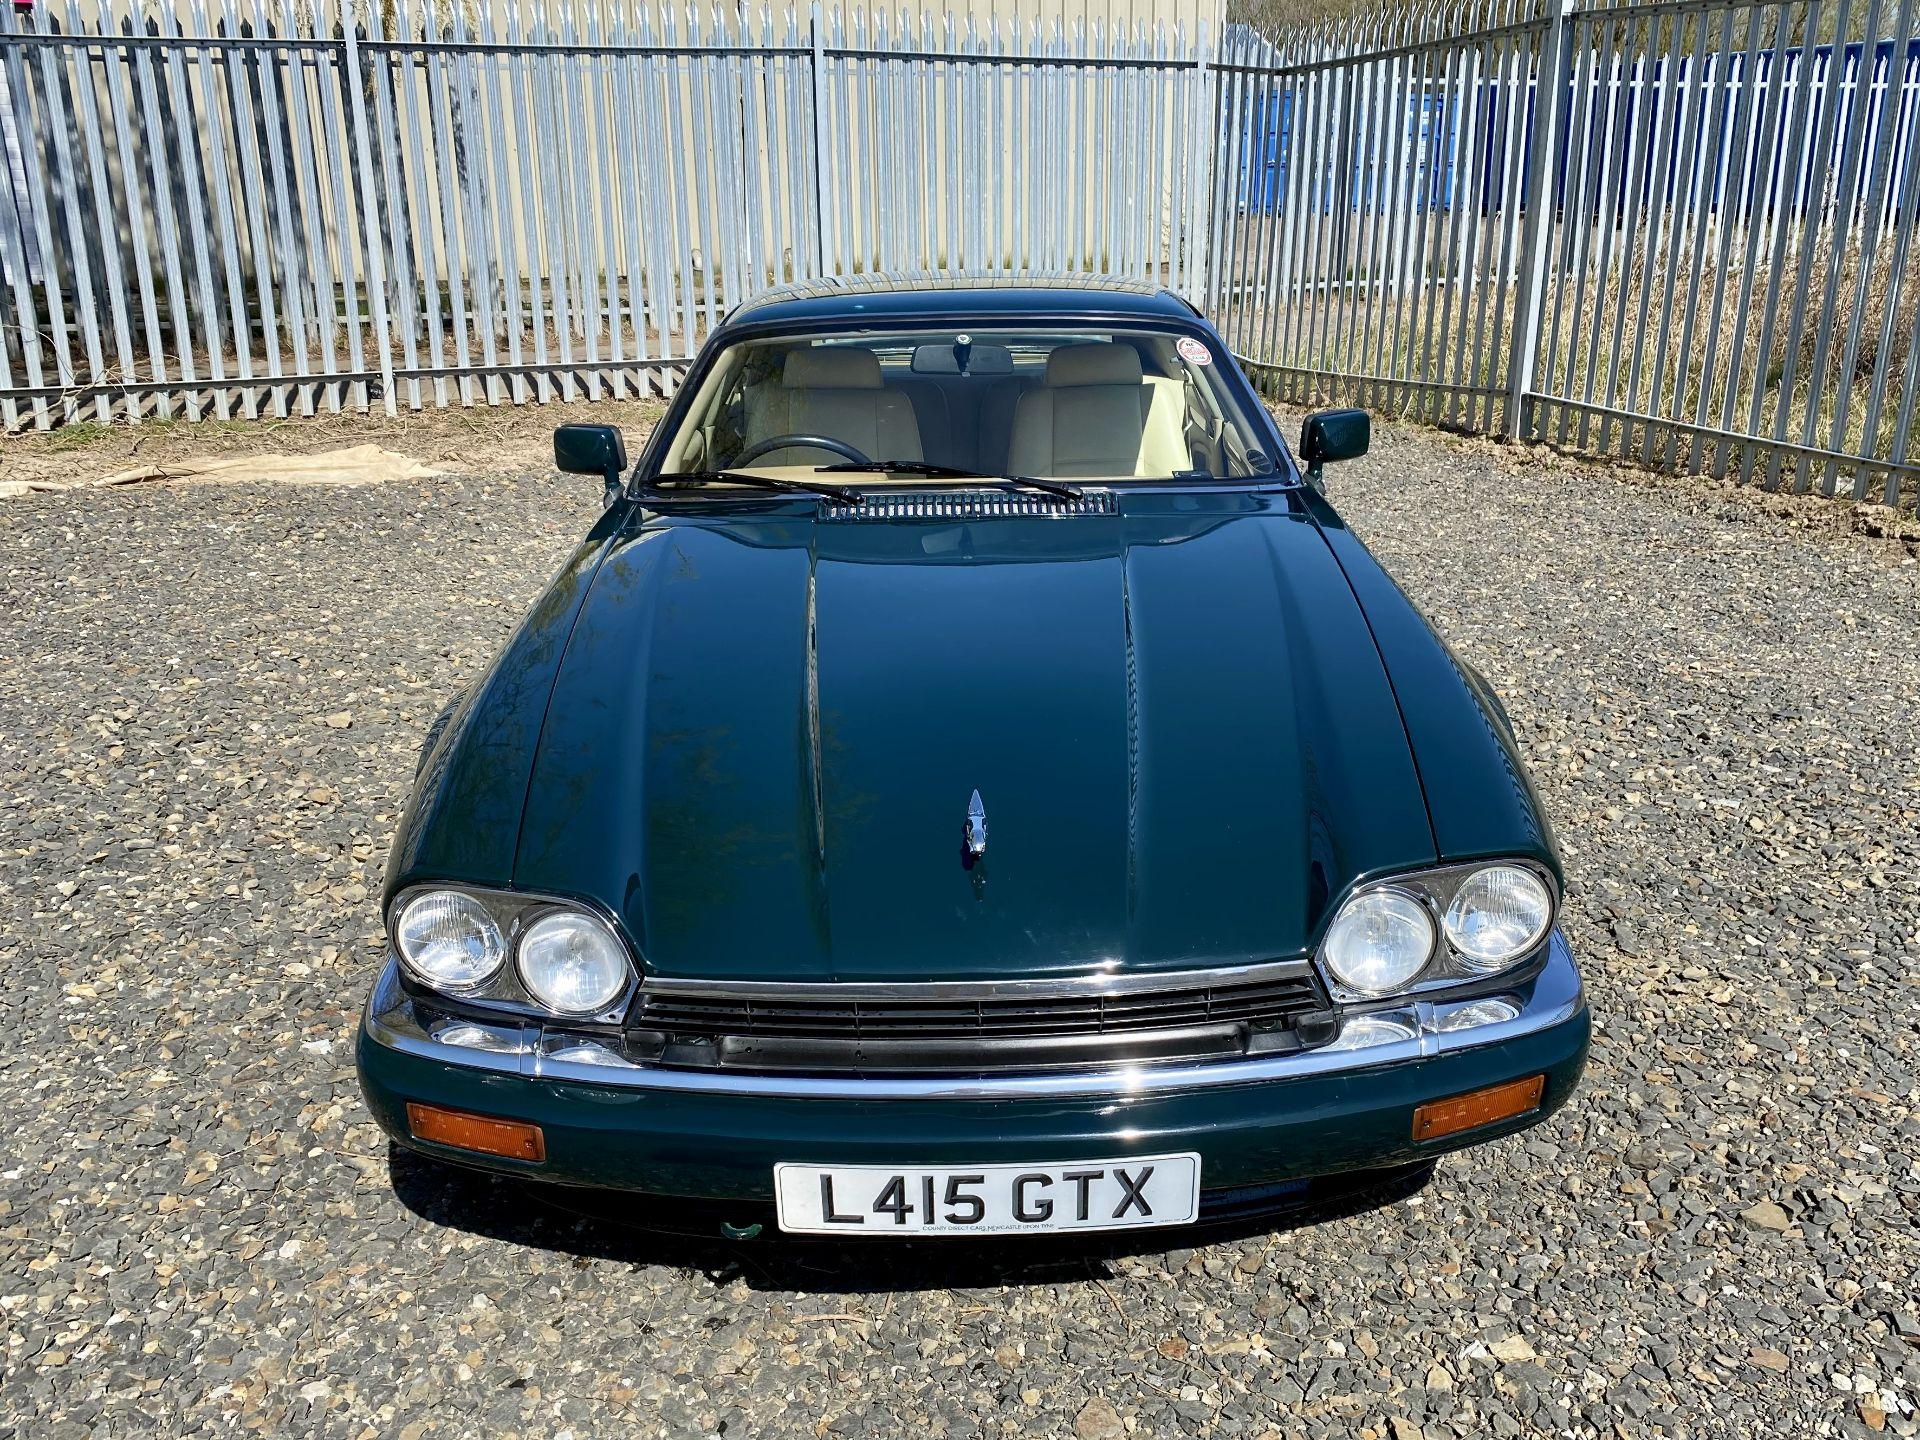 Jaguar XJS coupe - Image 17 of 64